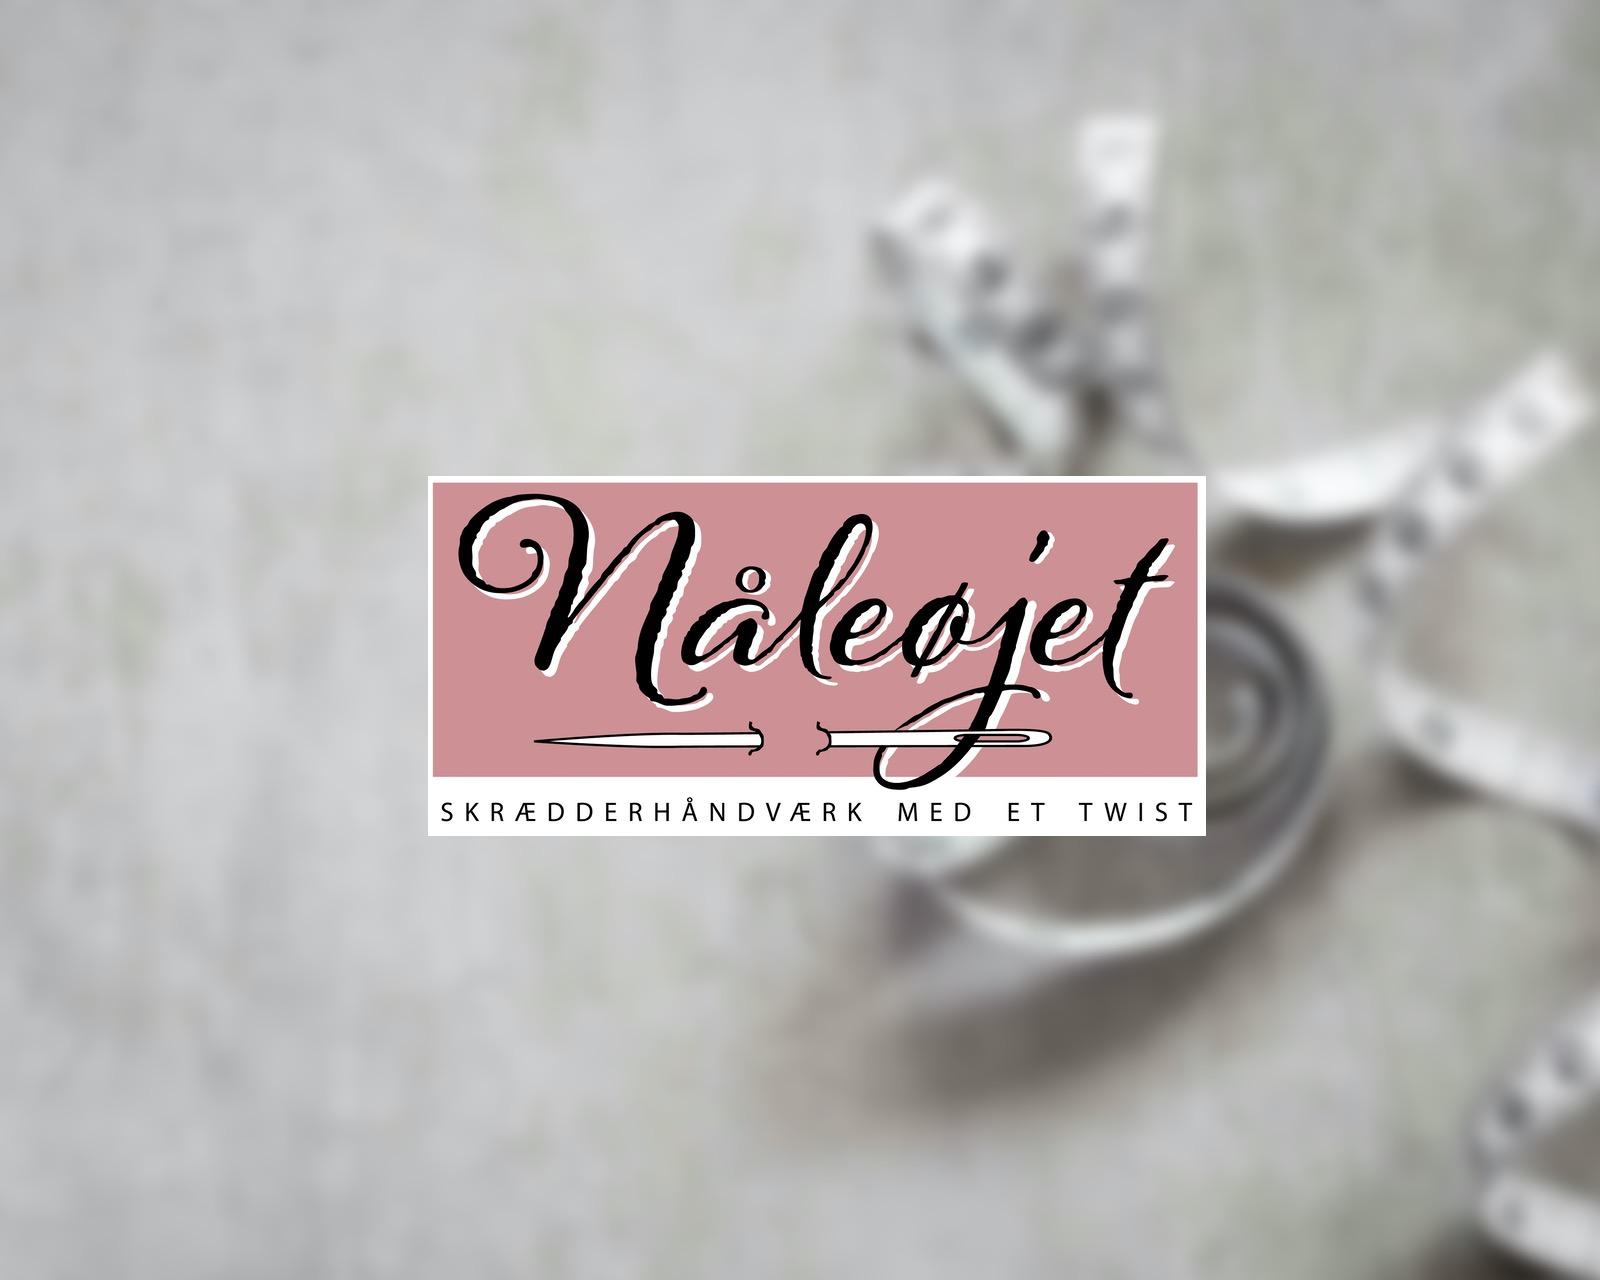 Nåleøjet.dk - Reference